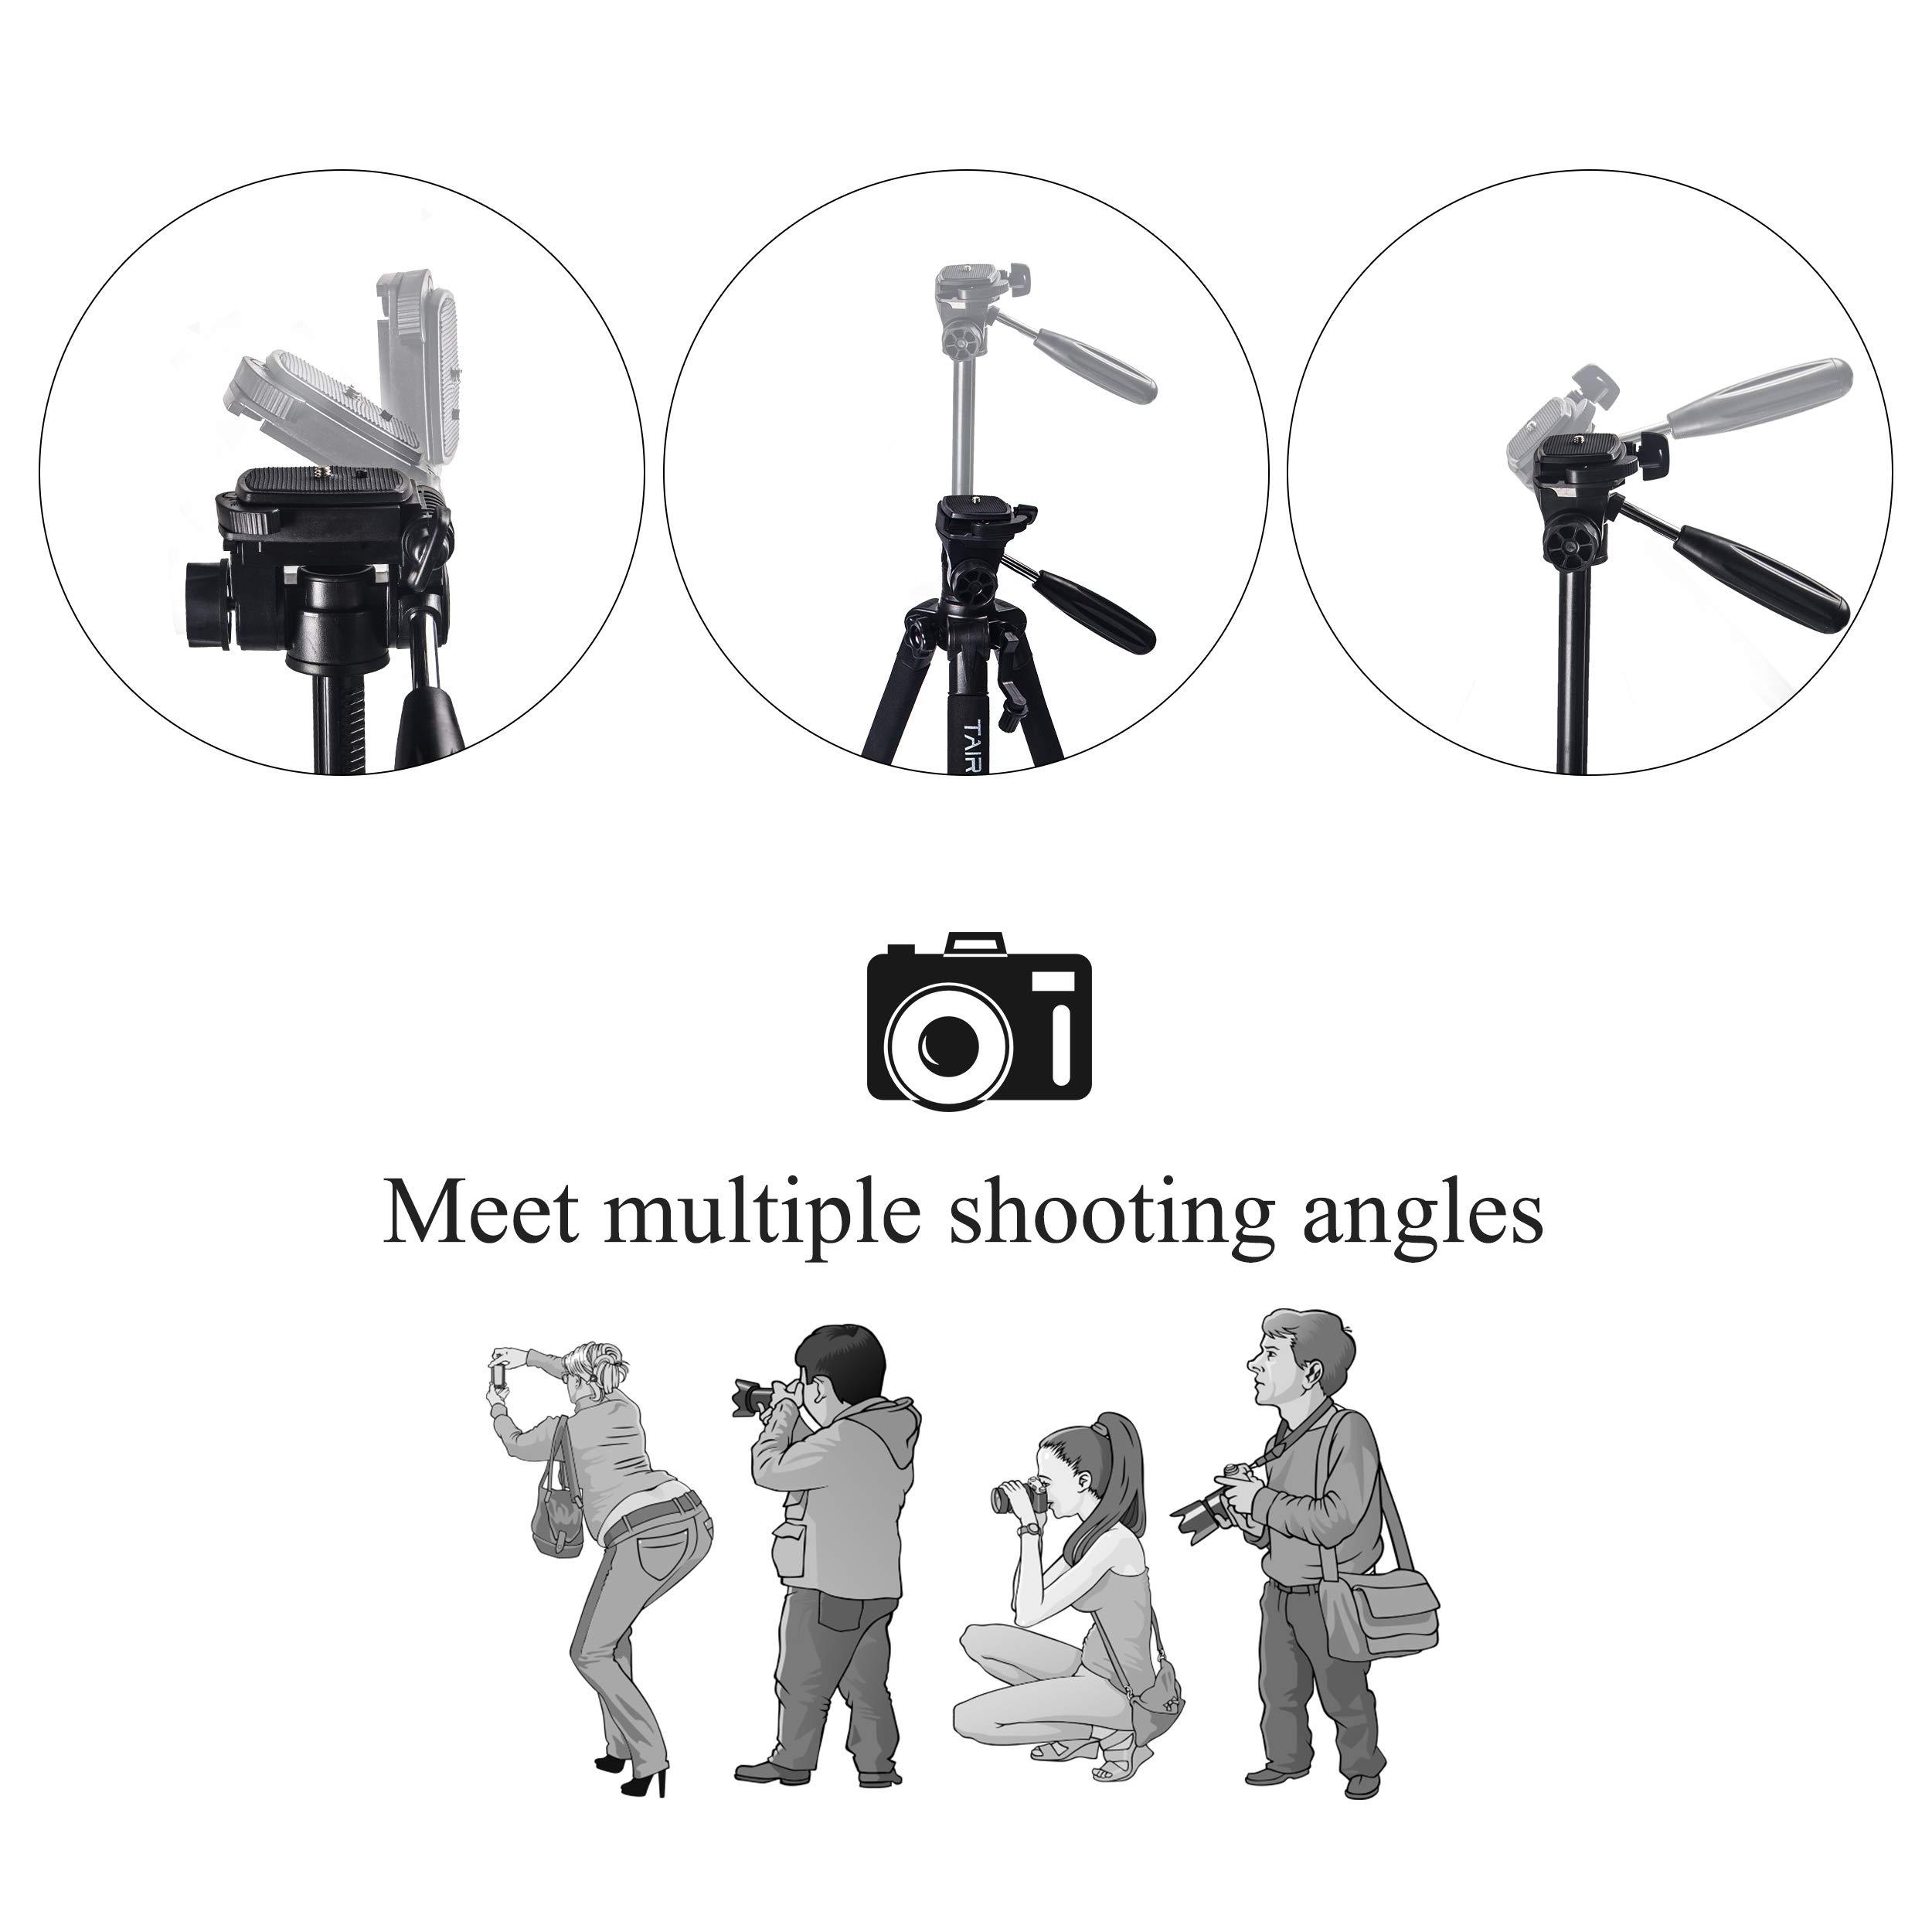 Treppiede leggero - Treppiede per macchina fotografica compatto Tairoad140 cm con clip per telefono cellulare e piastra a sgancio rapido per fotografia, spettacolo dal vivo - Nero